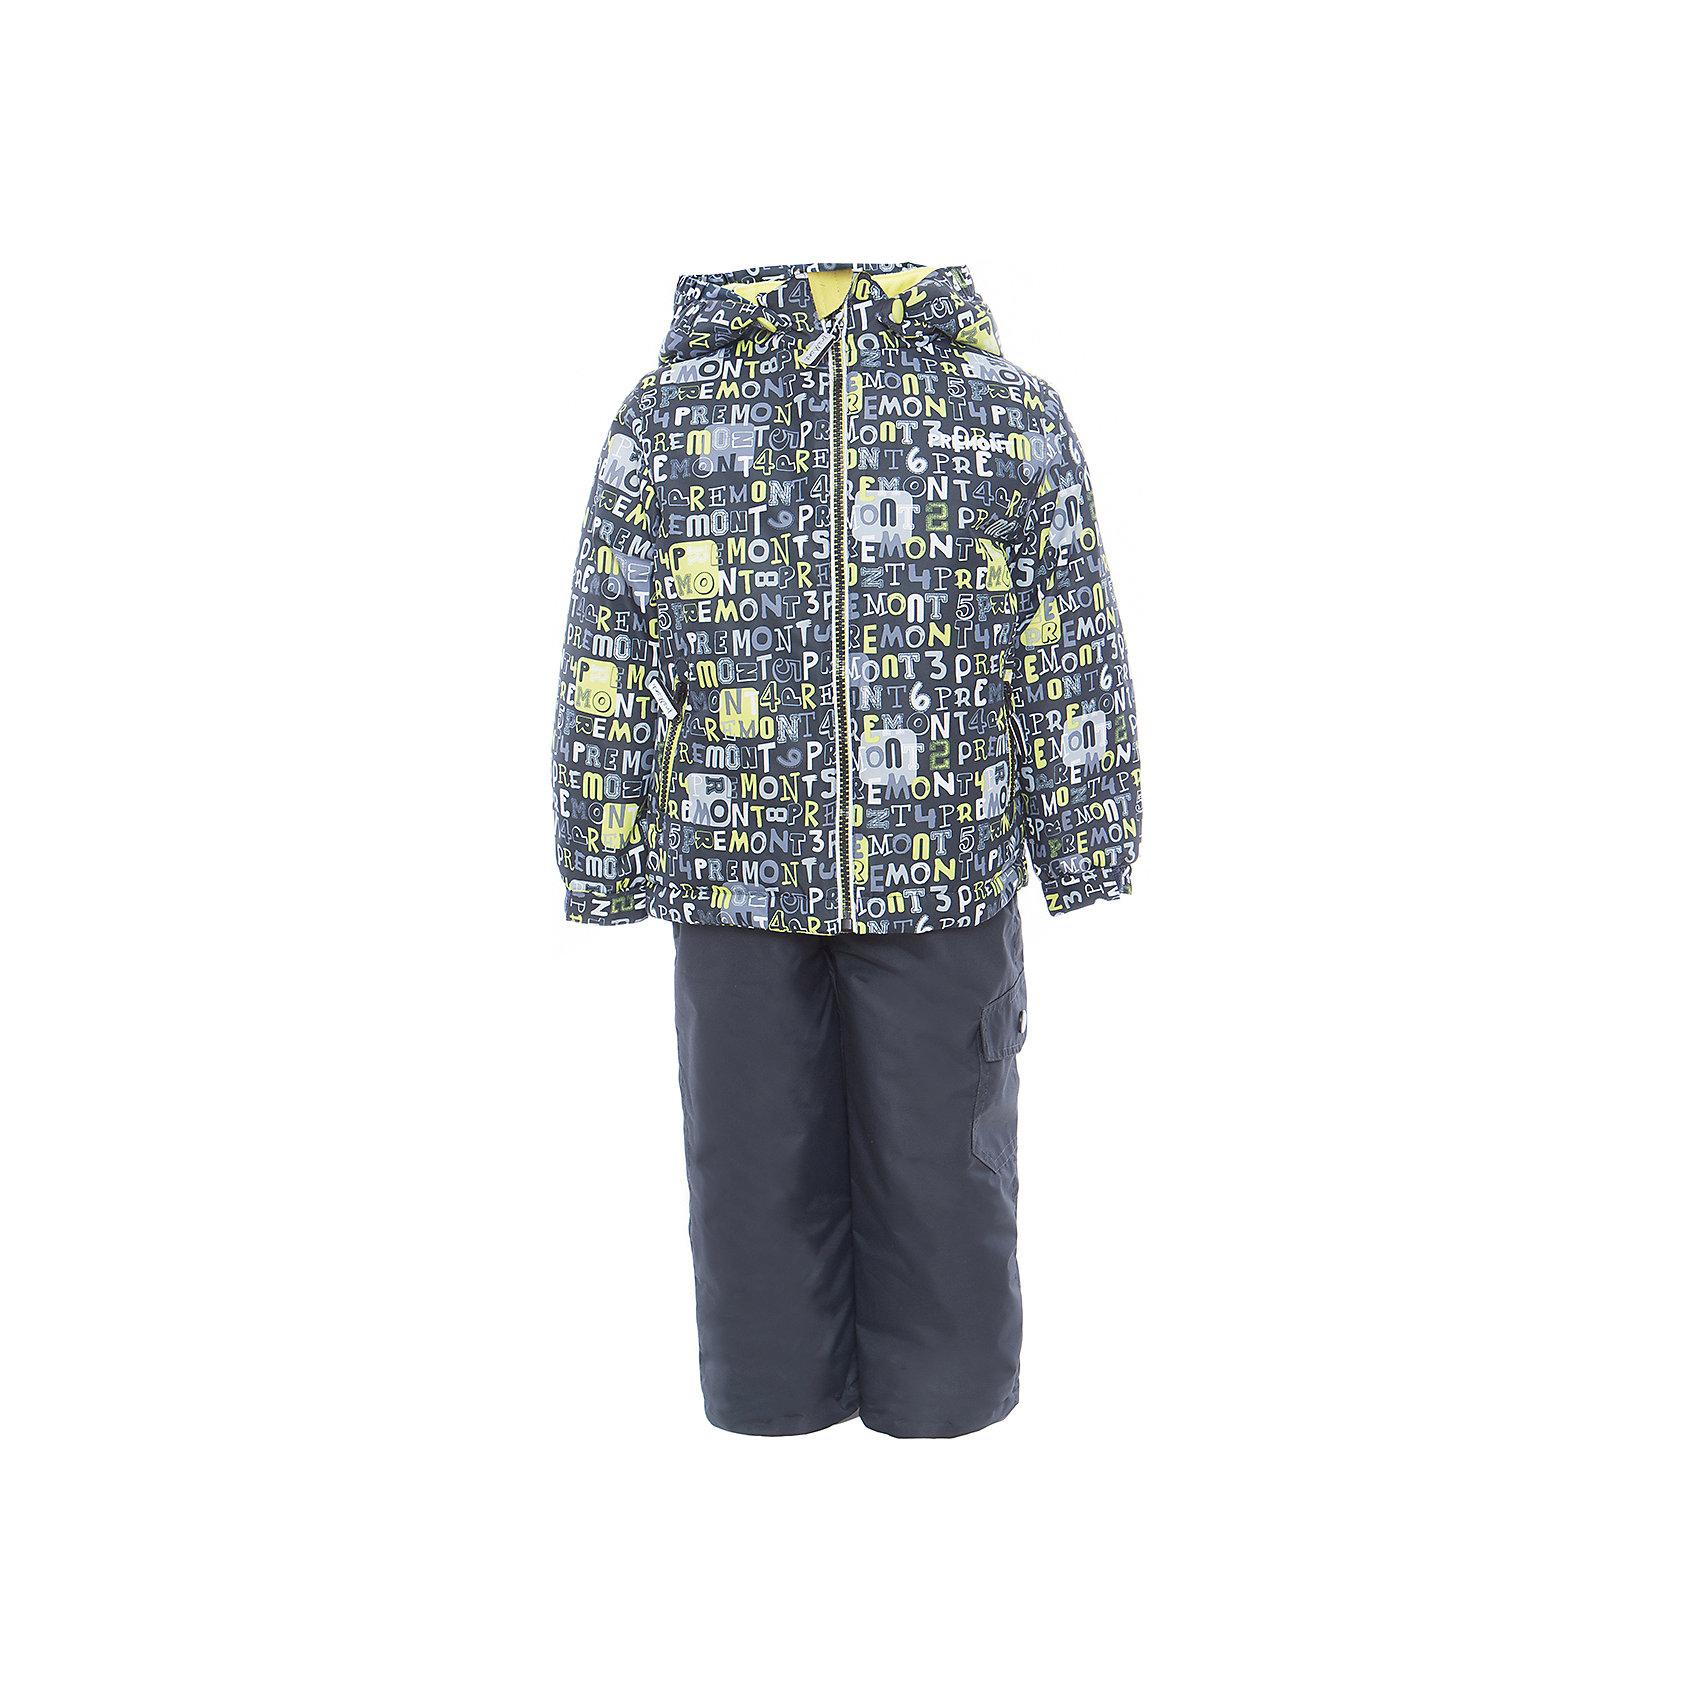 Комплект: куртка и полукомбинезон для мальчика PremontВерхняя одежда<br>Характеристики товара:<br><br>• цвет: серый/чёрный<br>• состав: мембрана 3000мм/3000г/м2/24h<br>• подкладка: трикотаж, Taffeta <br>• утеплитель - Tech-polyfill (120г/м2)<br>• светоотражающие элементы<br>• температурный режим: от -5°С до +10°С<br>• застежка - молния<br>• капюшон съемный<br>• принт<br>• ветронепроницаемый, водо- и грязеотталкивающий и дышащий материал<br>• эластичные манжеты<br>• регулируемые подтяжки<br>• комфортная посадка<br>• страна бренда: Канада<br><br>Демисезонный комплект из куртки и брюк - универсальный вариант и для прохладной осени, и для первых заморозков. Эта модель - модная и удобная одновременно! Куртка отличается стильным ярким дизайном. Комплект хорошо сидит по фигуре, отлично сочетается с различной обувью. Вещь была разработана специально для детей.<br><br>Одежда от канадского бренда Premont уже завоевала популярностью у многих детей и их родителей. Вещи, выпускаемые компанией, качественные, продуманные и очень удобные. Для производства коллекций используются только безопасные для детей материалы.<br><br>Комплект: куртка и полукомбинезон от бренда Premont можно купить в нашем интернет-магазине.<br><br>Ширина мм: 356<br>Глубина мм: 10<br>Высота мм: 245<br>Вес г: 519<br>Цвет: черный<br>Возраст от месяцев: 36<br>Возраст до месяцев: 48<br>Пол: Мужской<br>Возраст: Детский<br>Размер: 146,152,92,98,104,110,116,122,128,134,140<br>SKU: 5353073